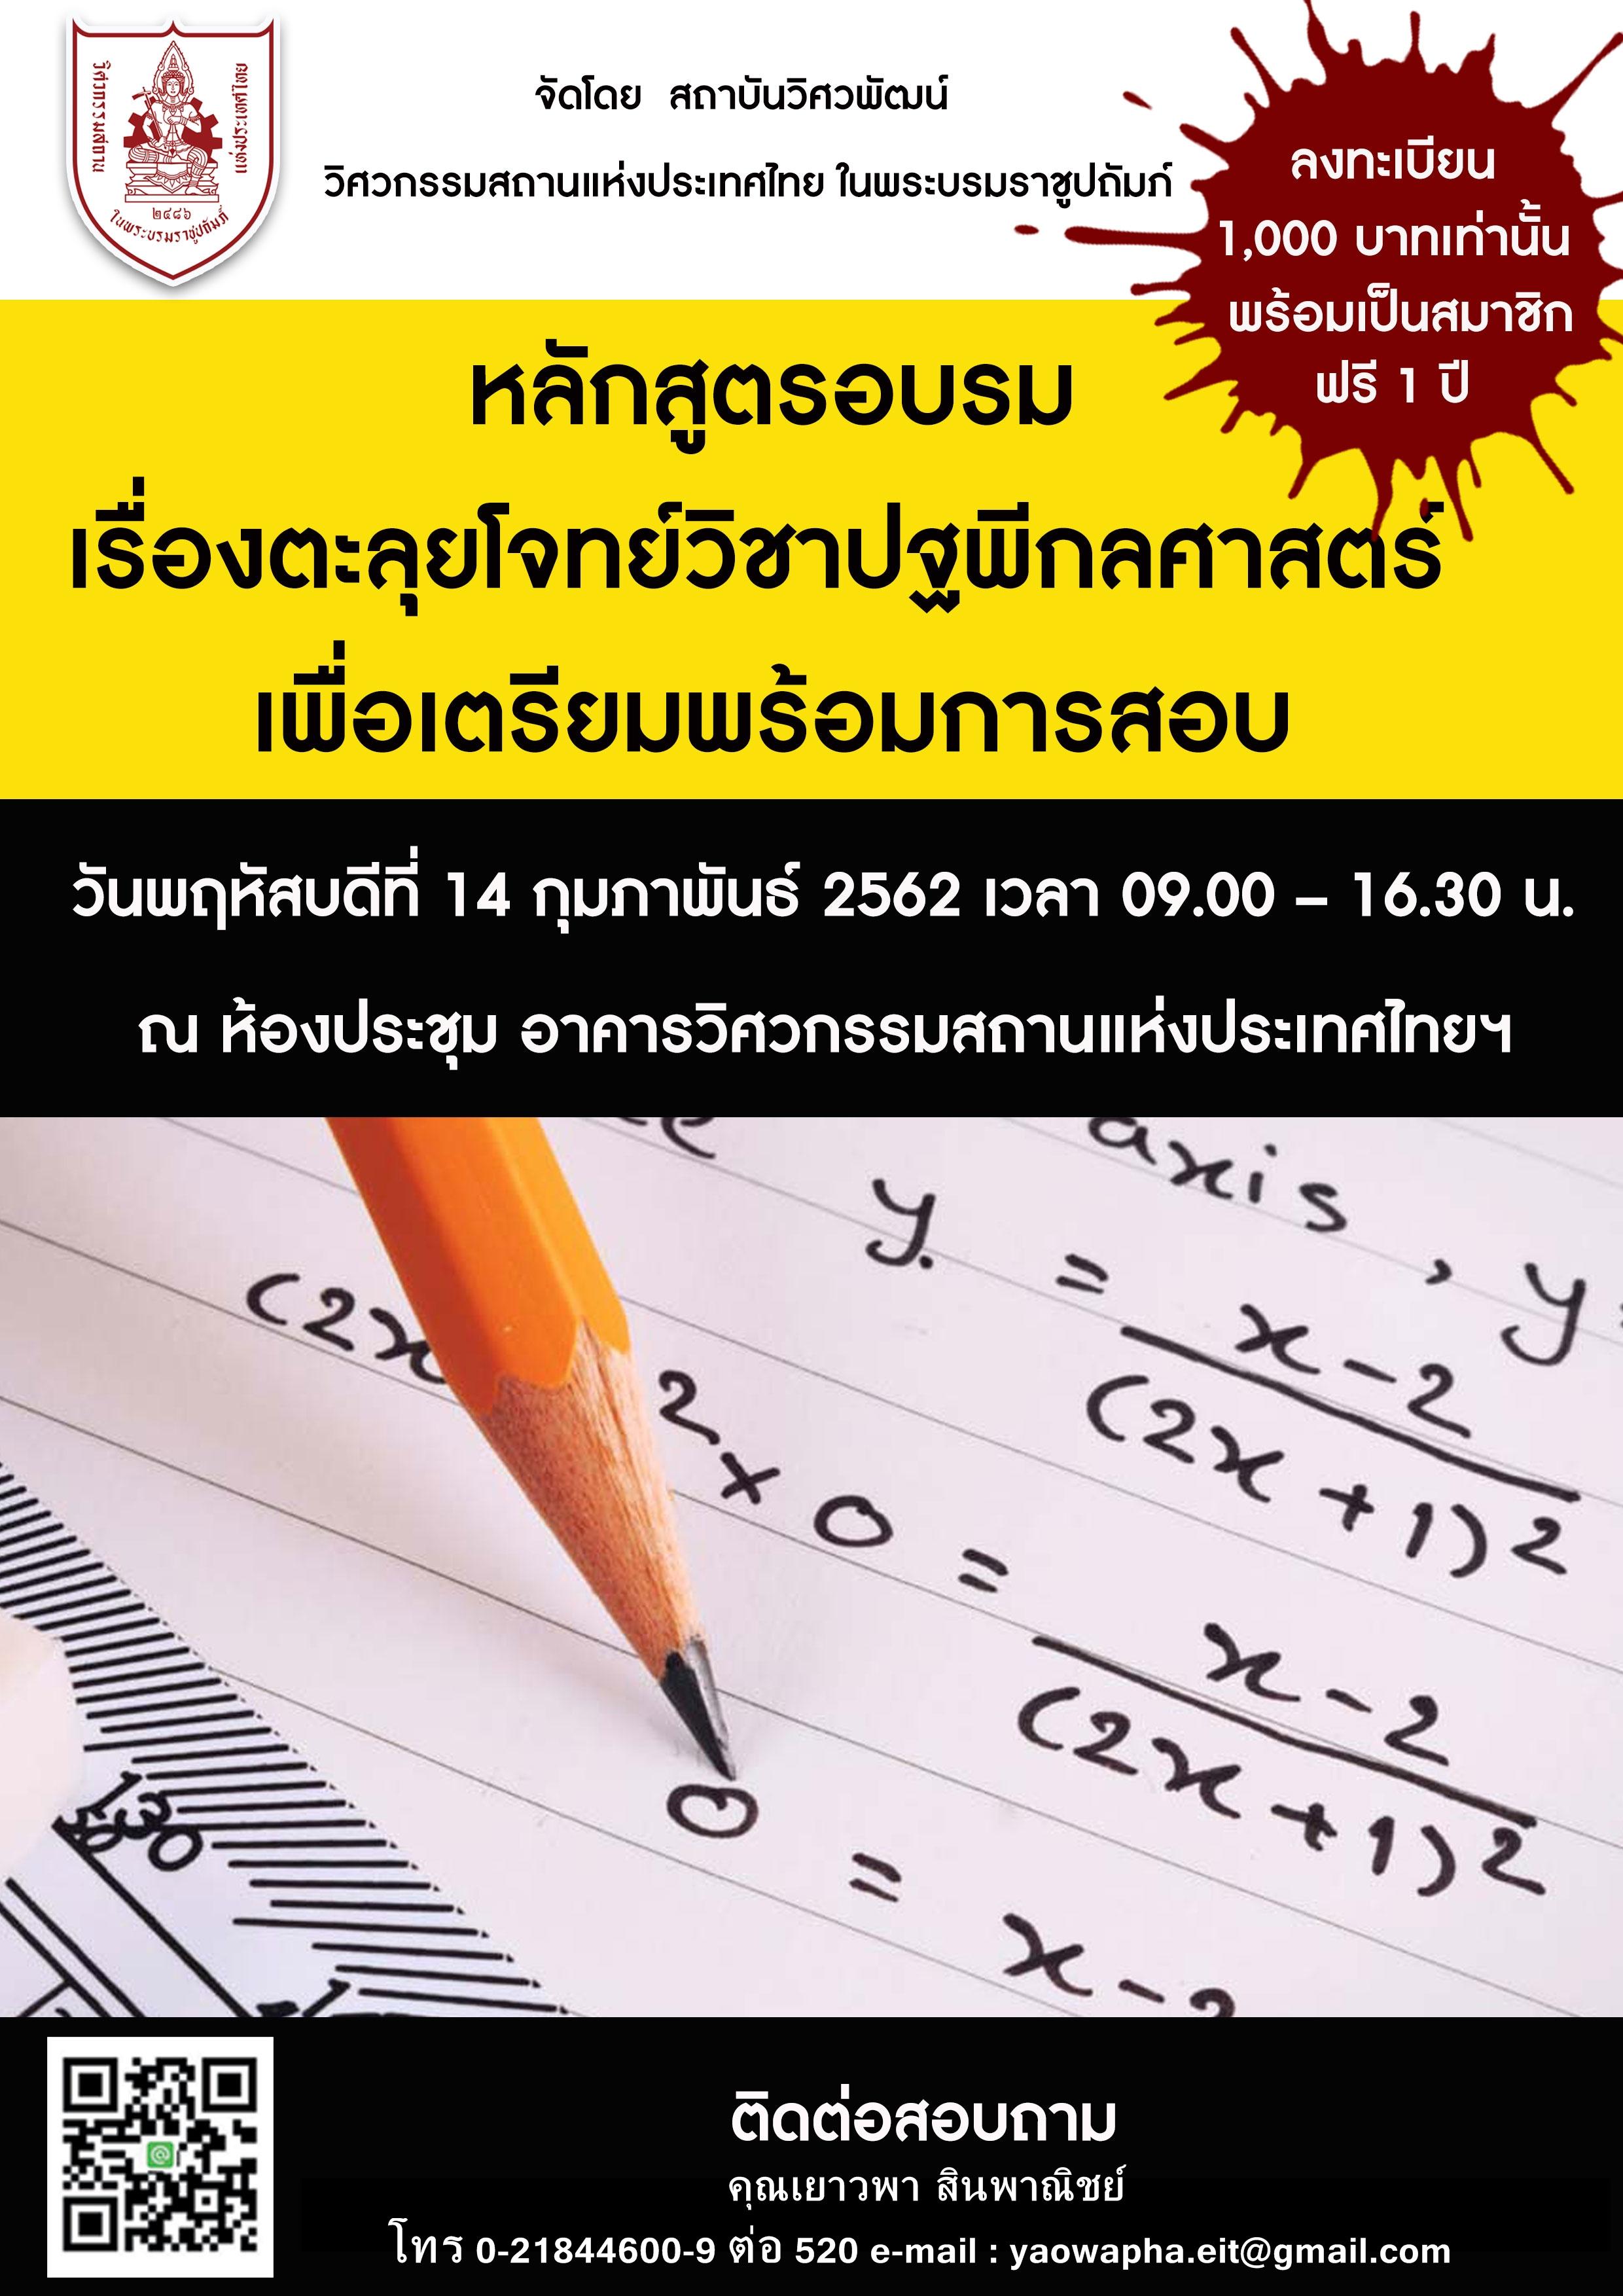 """14-02/2562 หลักสูตรอบรม """"ตะลุยโจทย์วิชาปฐพีกลศาสตร์ เพื่อเตรียมพร้อมการสอบ"""""""